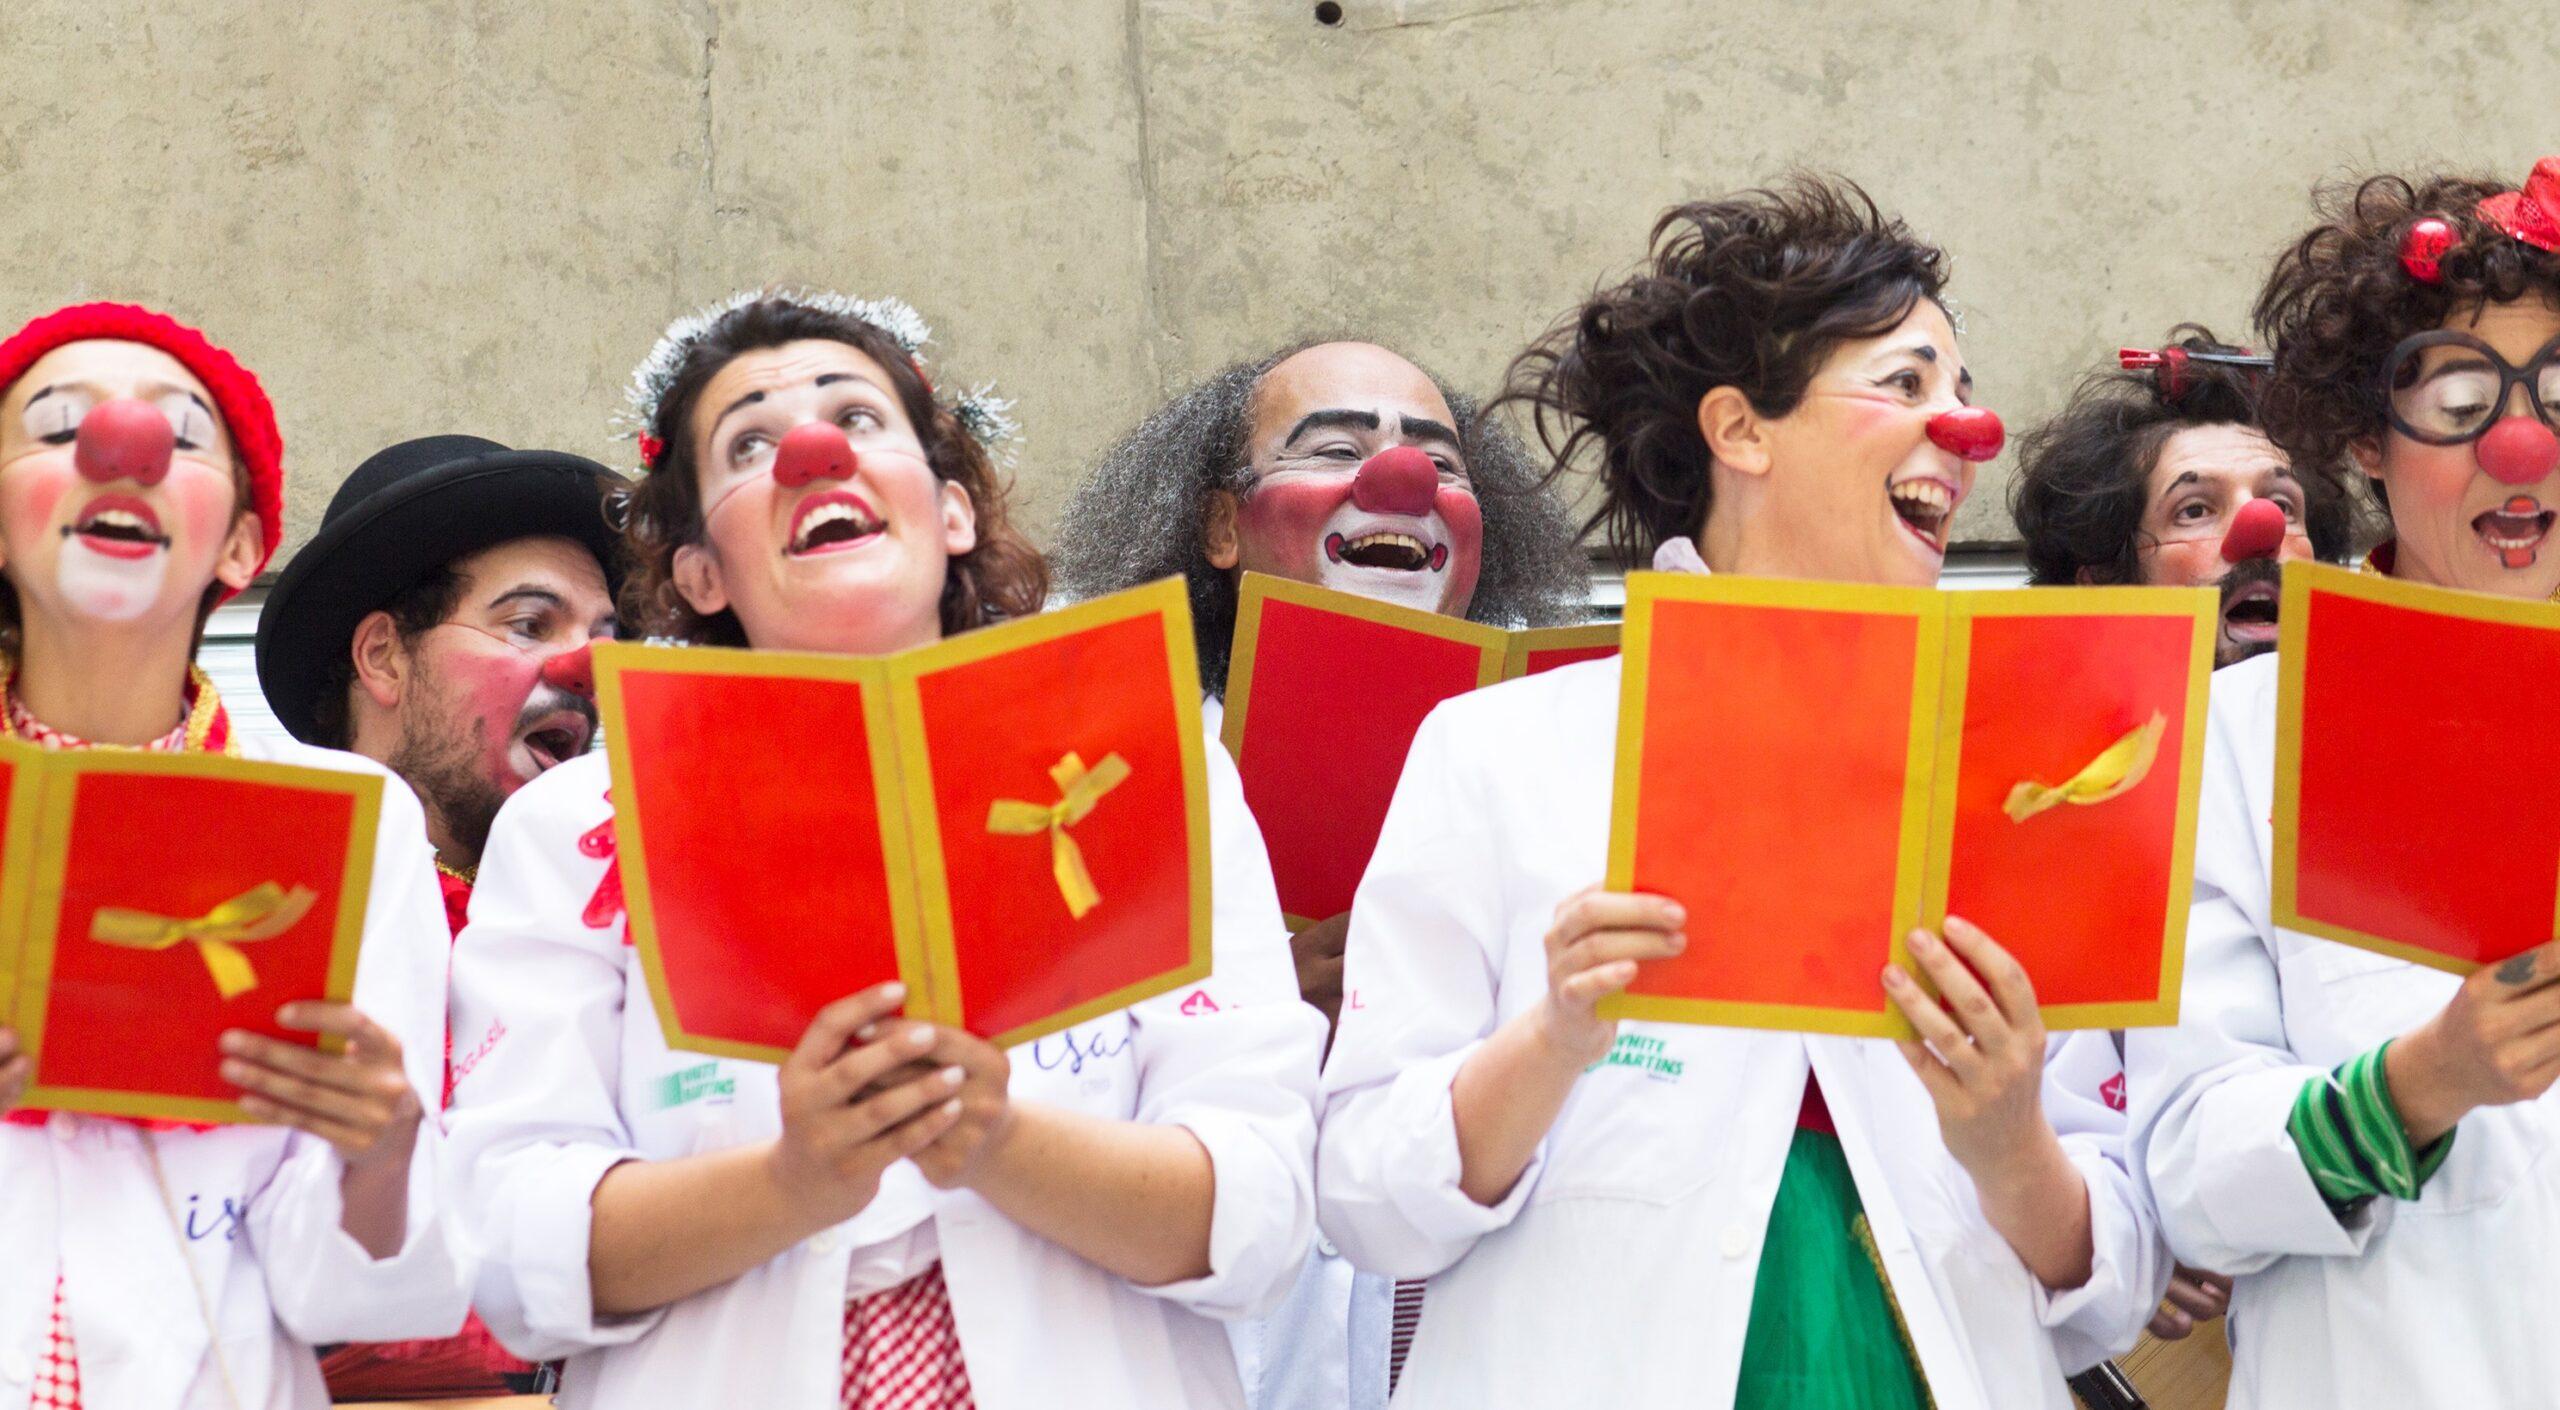 Doutores da Alegria se apresenta no Festival de Natal ao vivo nesta quarta, 23